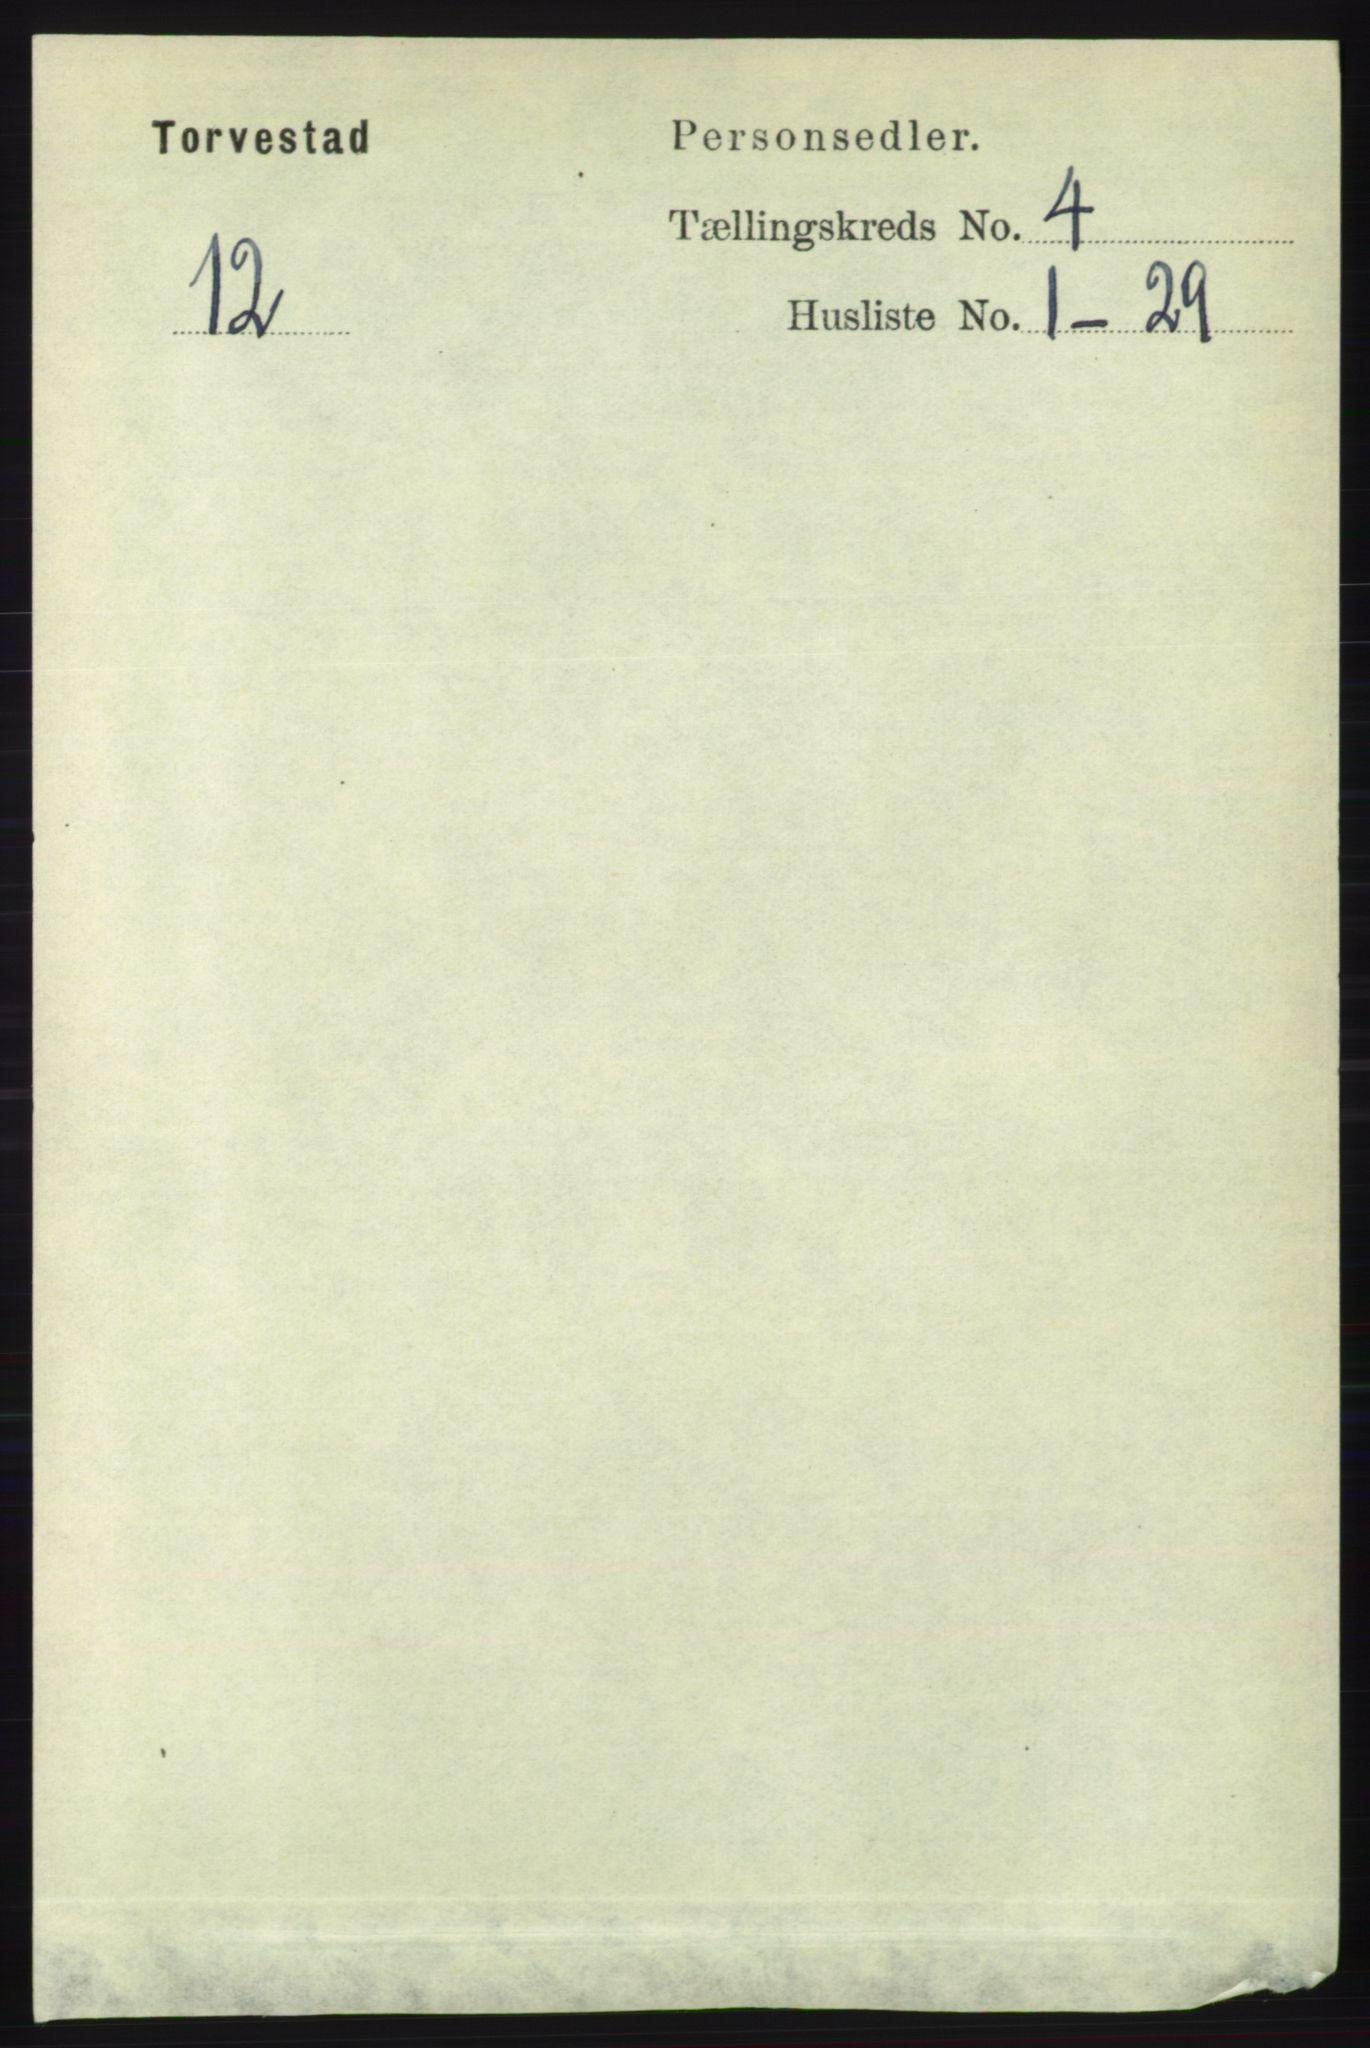 RA, Folketelling 1891 for 1152 Torvastad herred, 1891, s. 1471